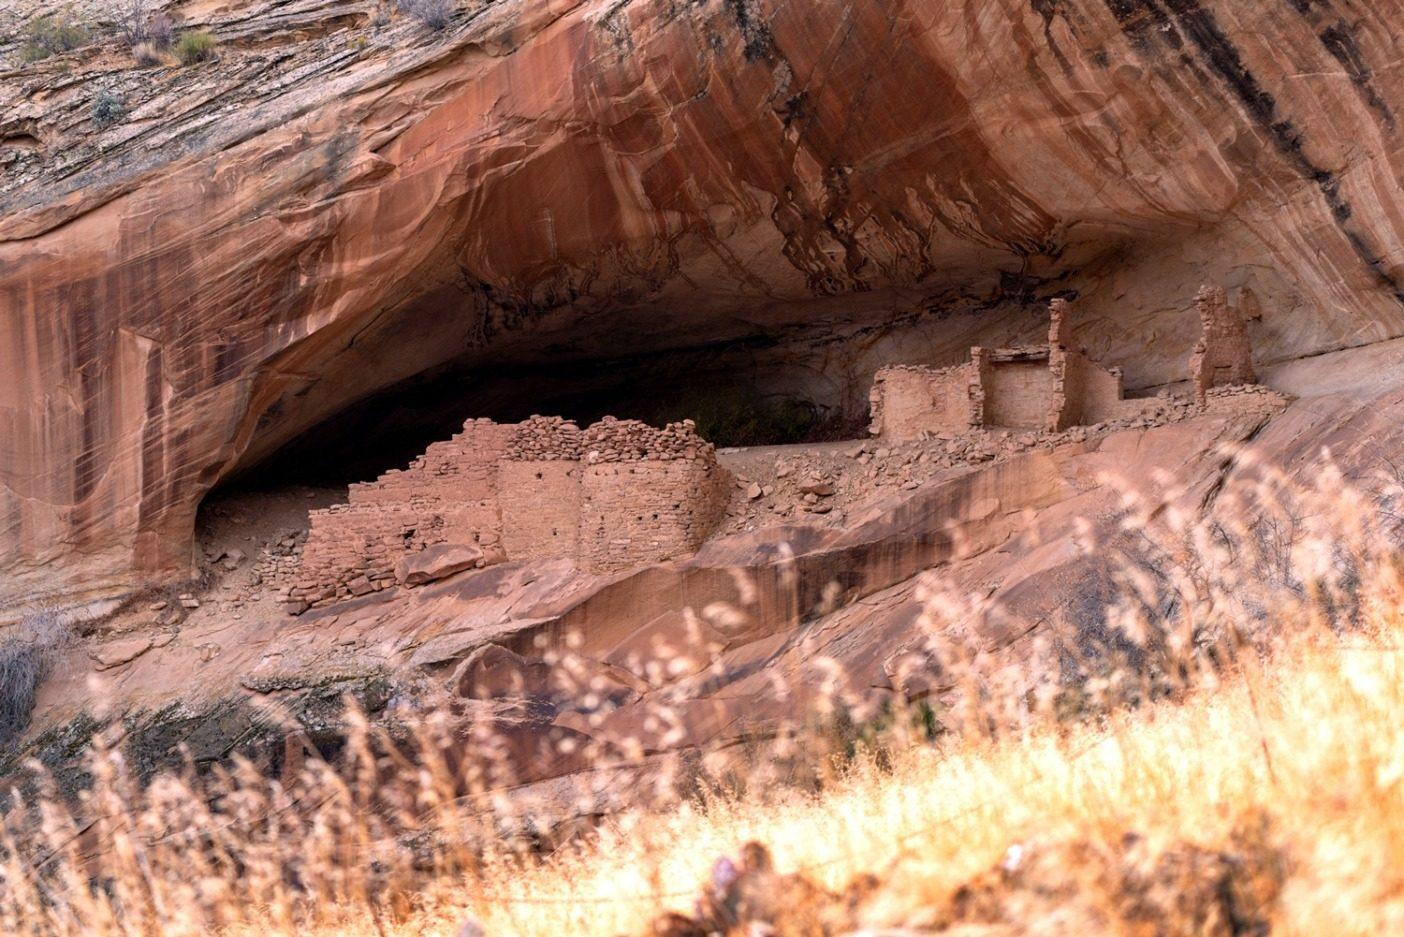 ベアーズ・イヤーズの古代の居住地。これらの家は冬の太陽からの恩恵を最大に得られるよう、典型的に南面に建てられた。Photo: Michael Estrada